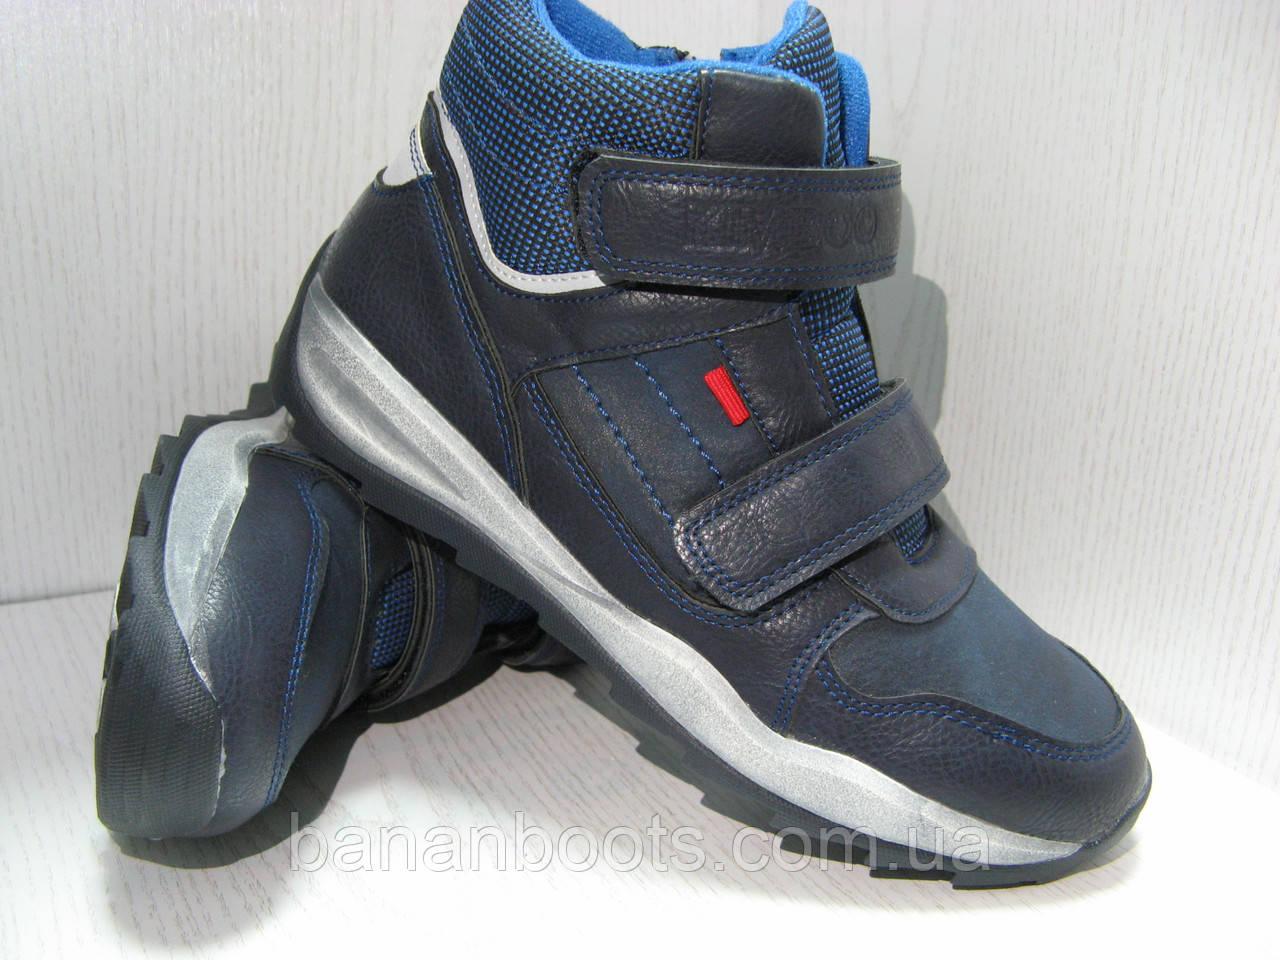 Ботинки подростковые синие демисезонные для мальчика 36р.